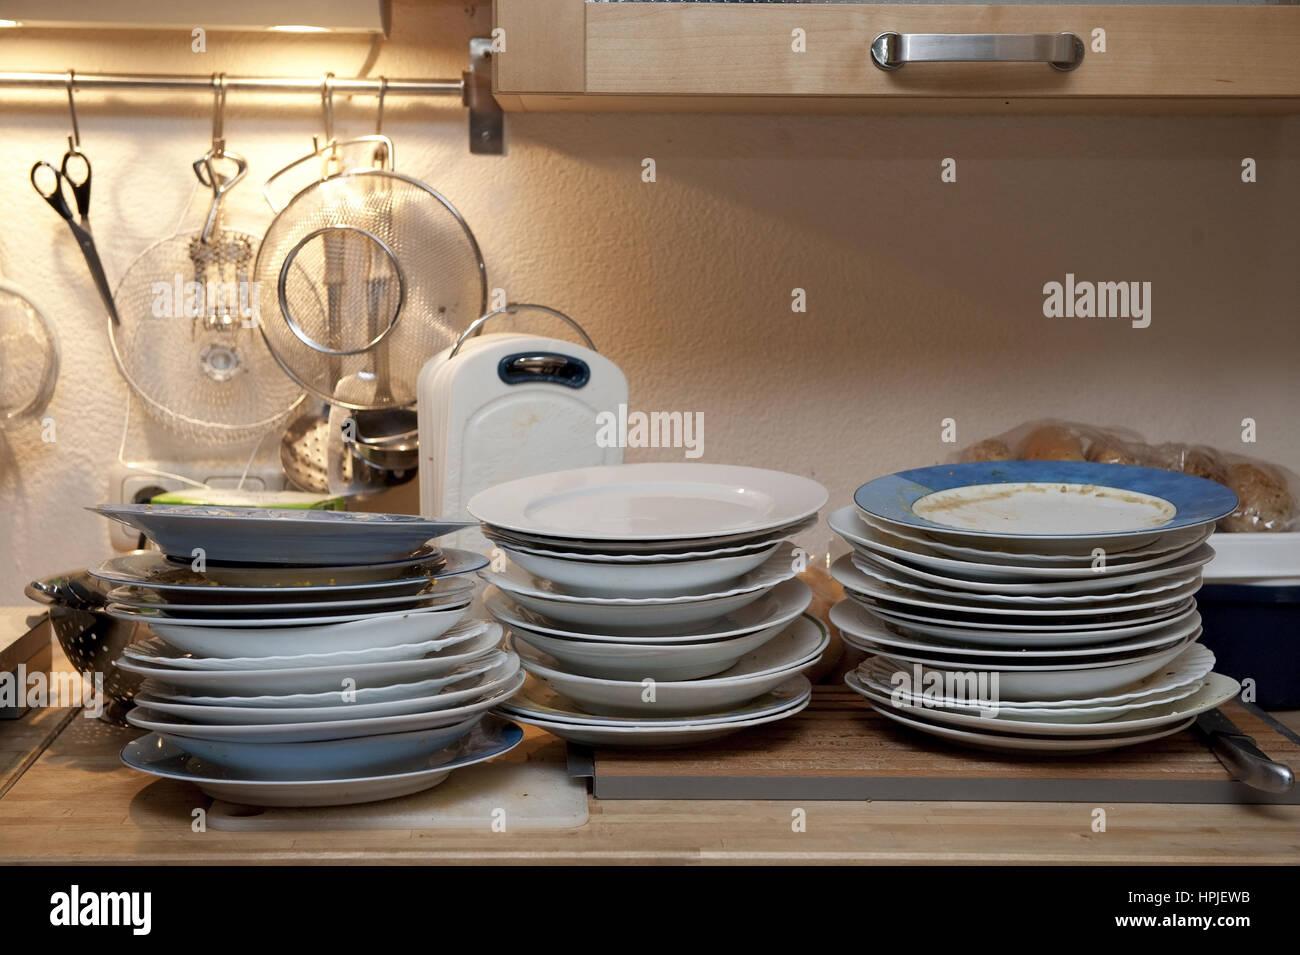 Dreckiges Geschirr in der Kueche - dirty dishes in kitchen Stock Photo